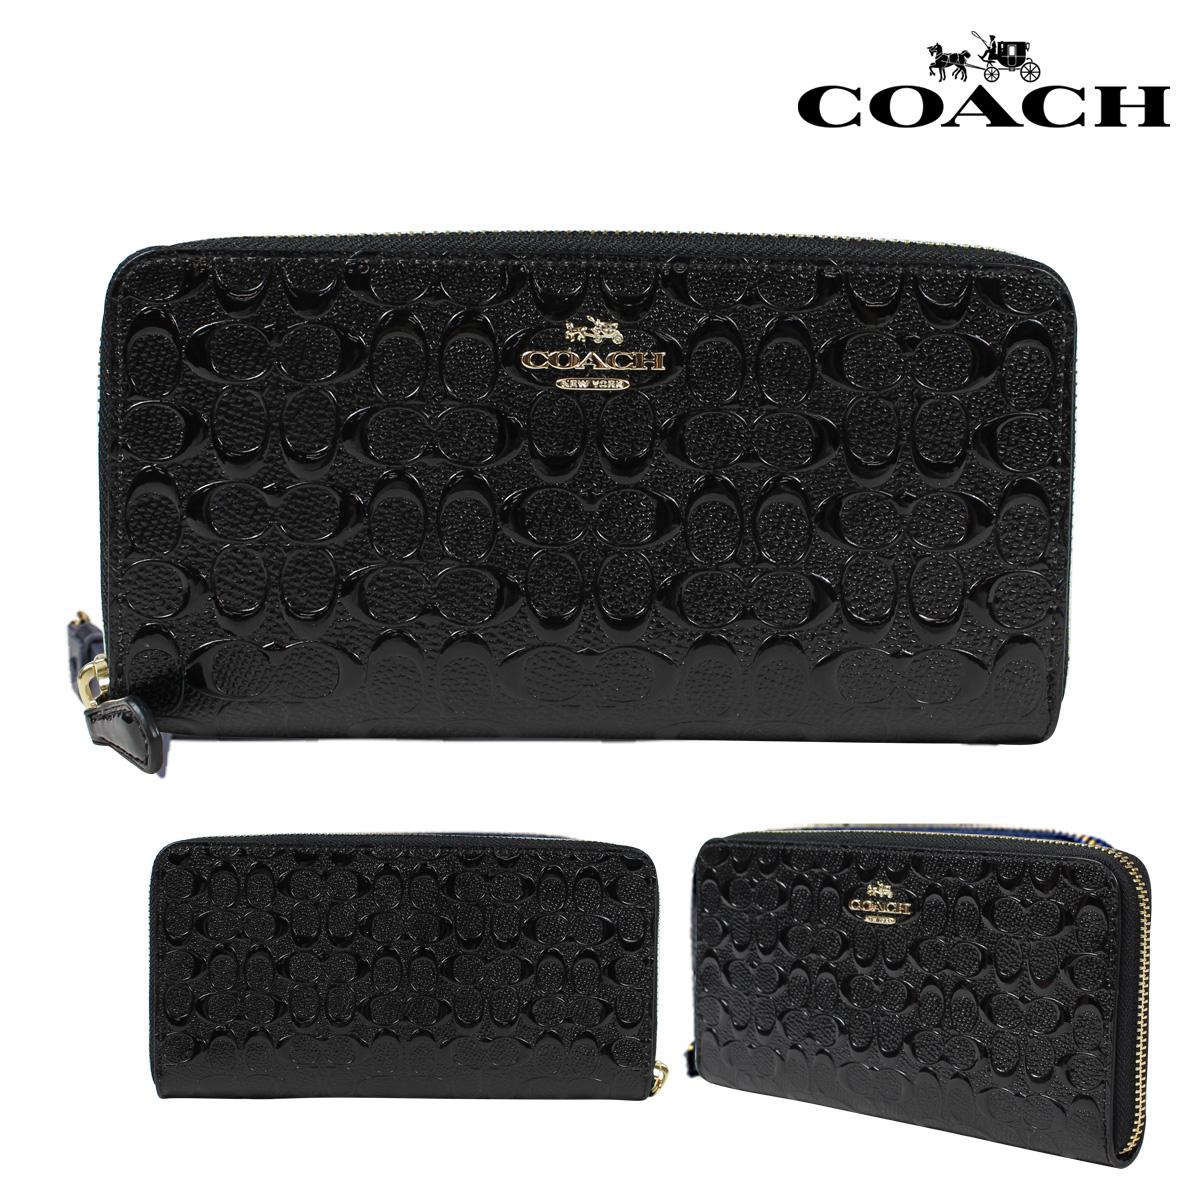 コーチ COACH 財布 レディース 長財布 F54805 ブラック